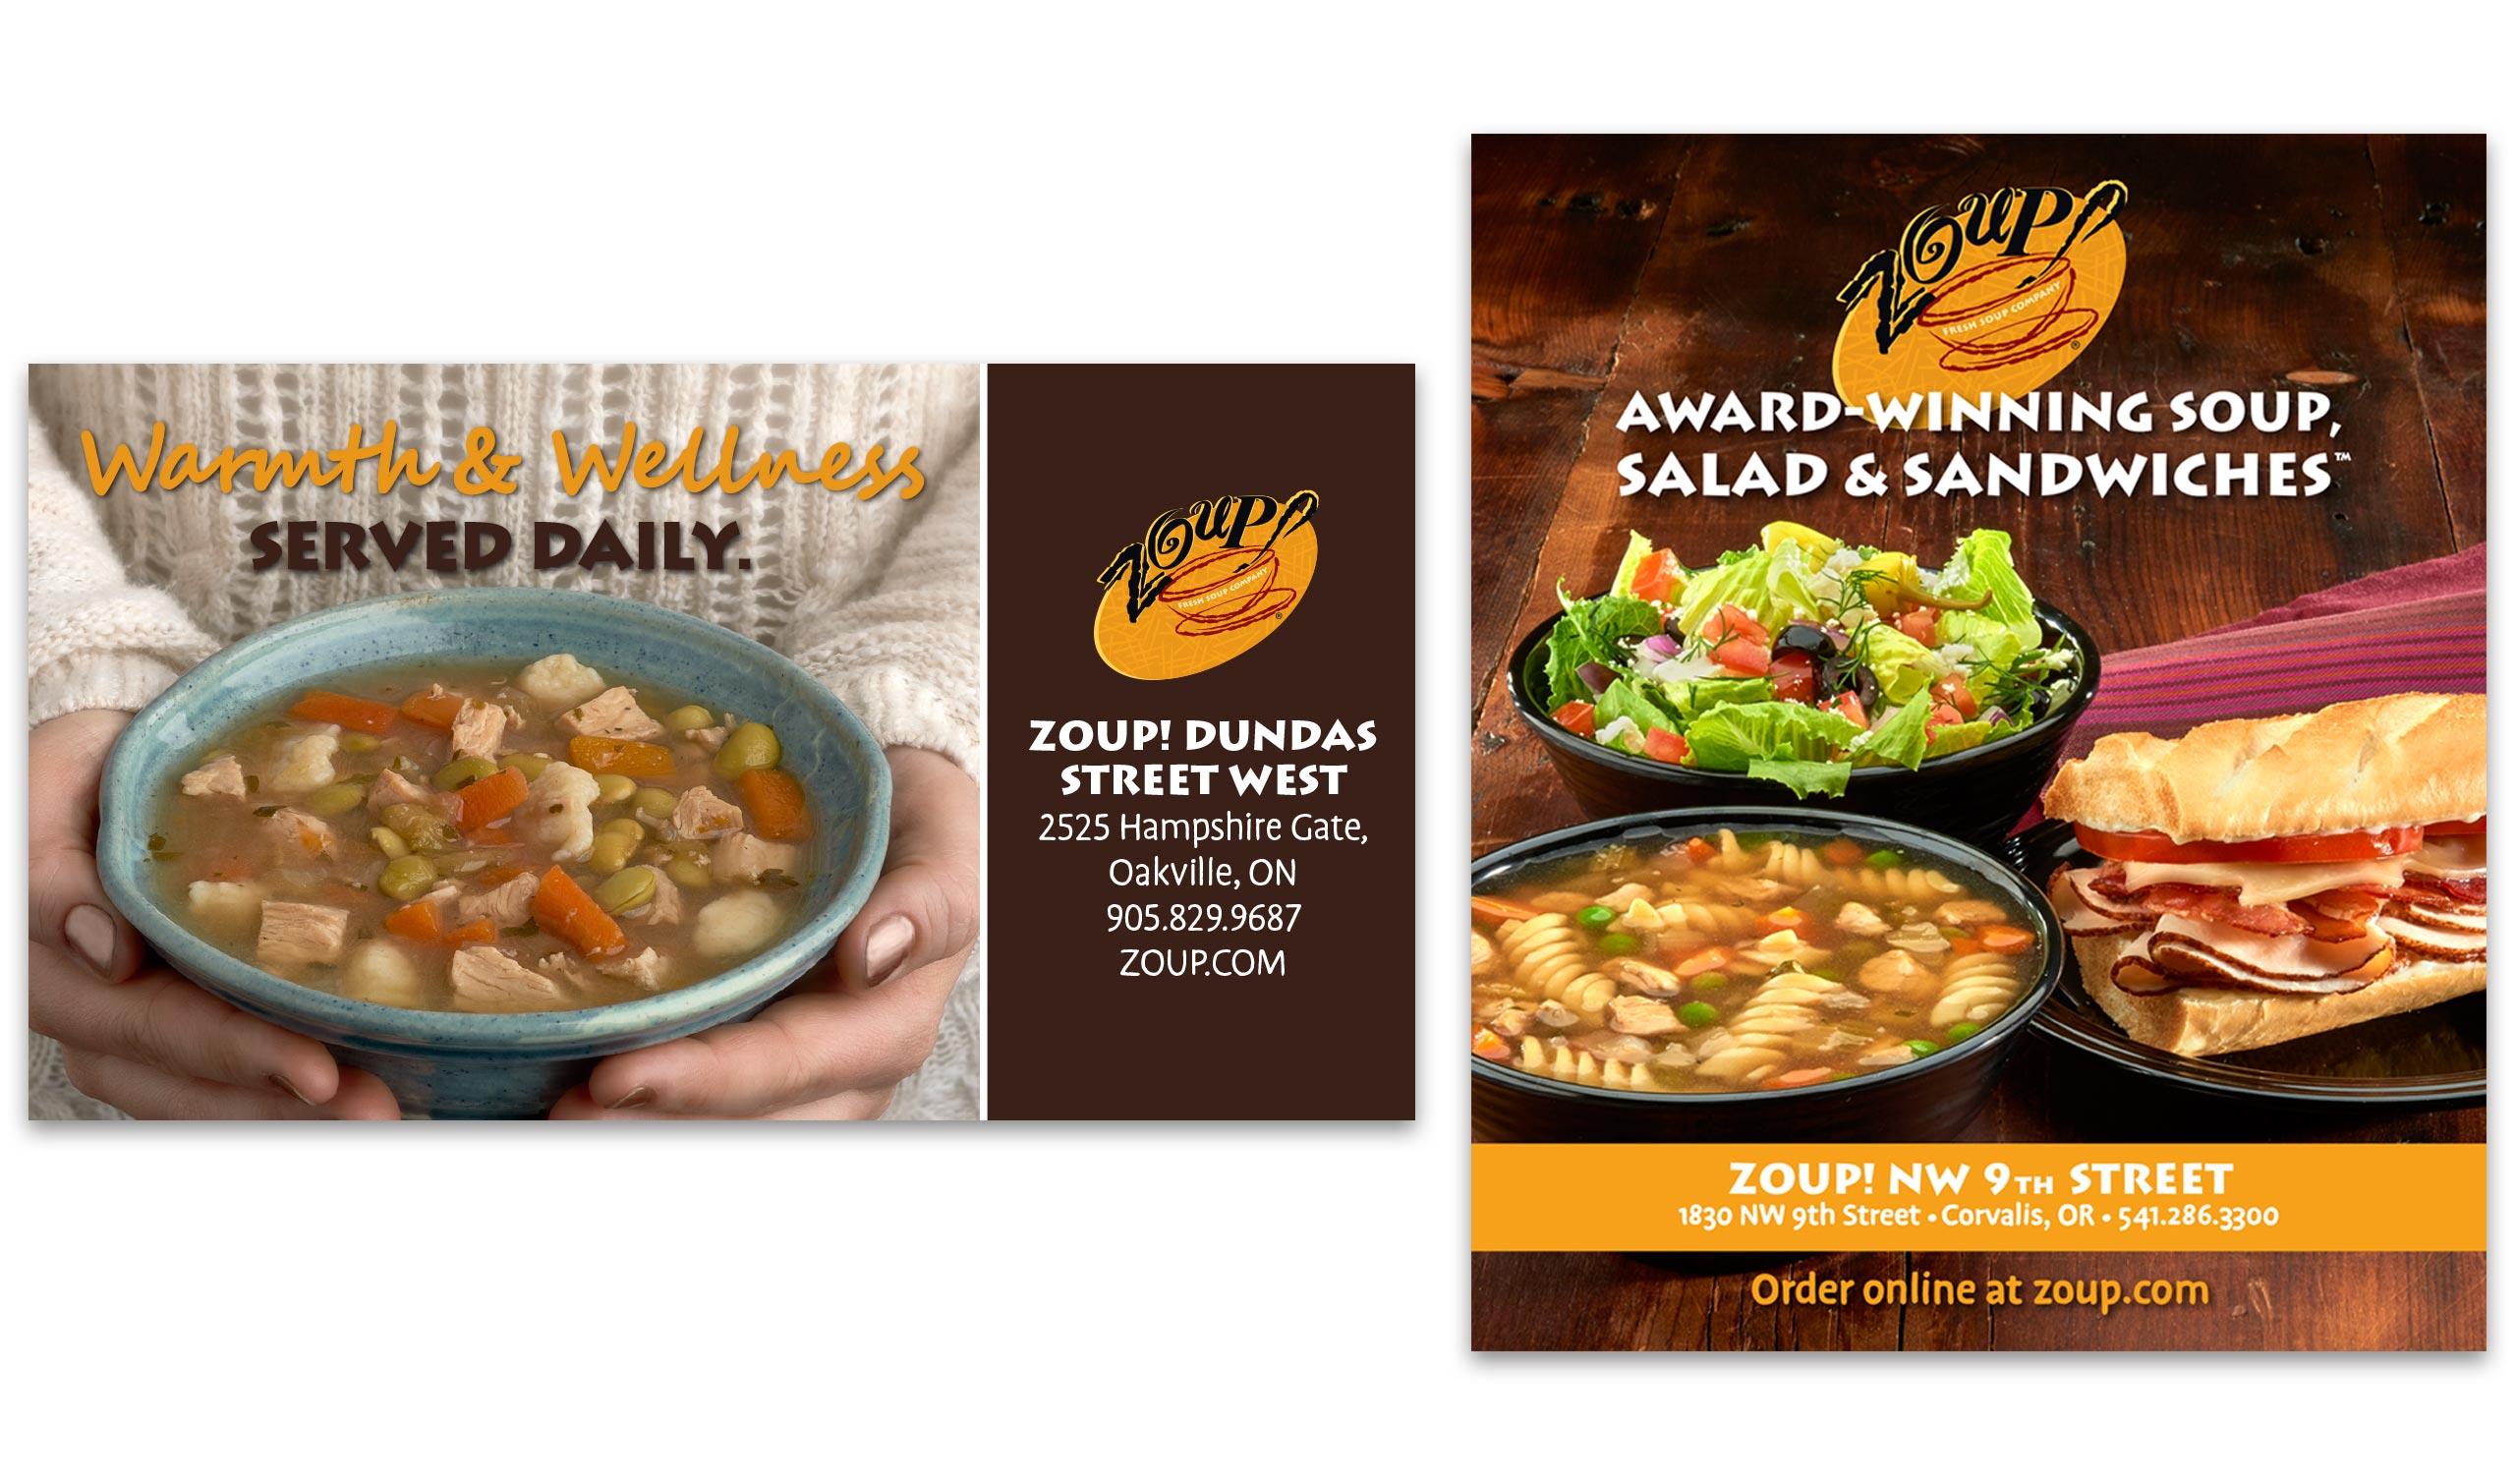 Zoup-Store-Ads_MB012516